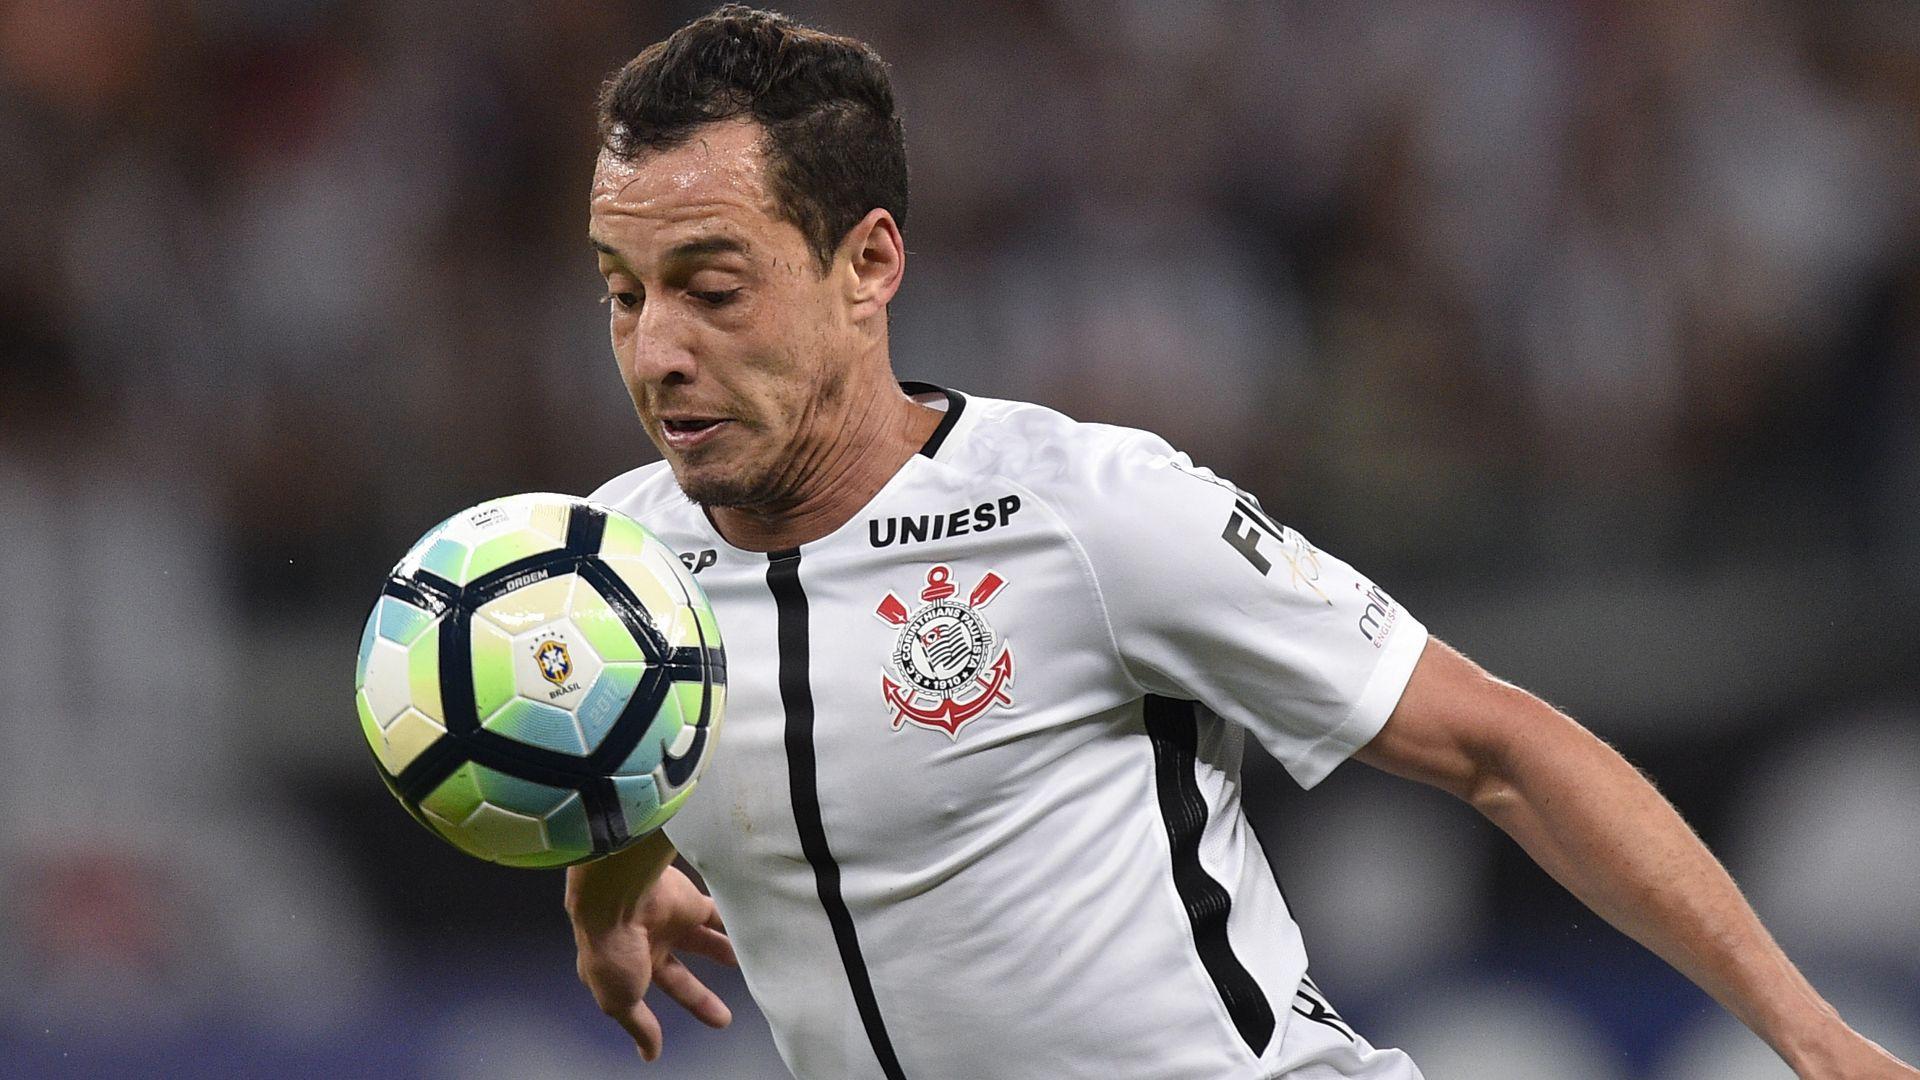 Rodriguinho Atletico-MG Corinthians Brasileirao Serie A 02082017